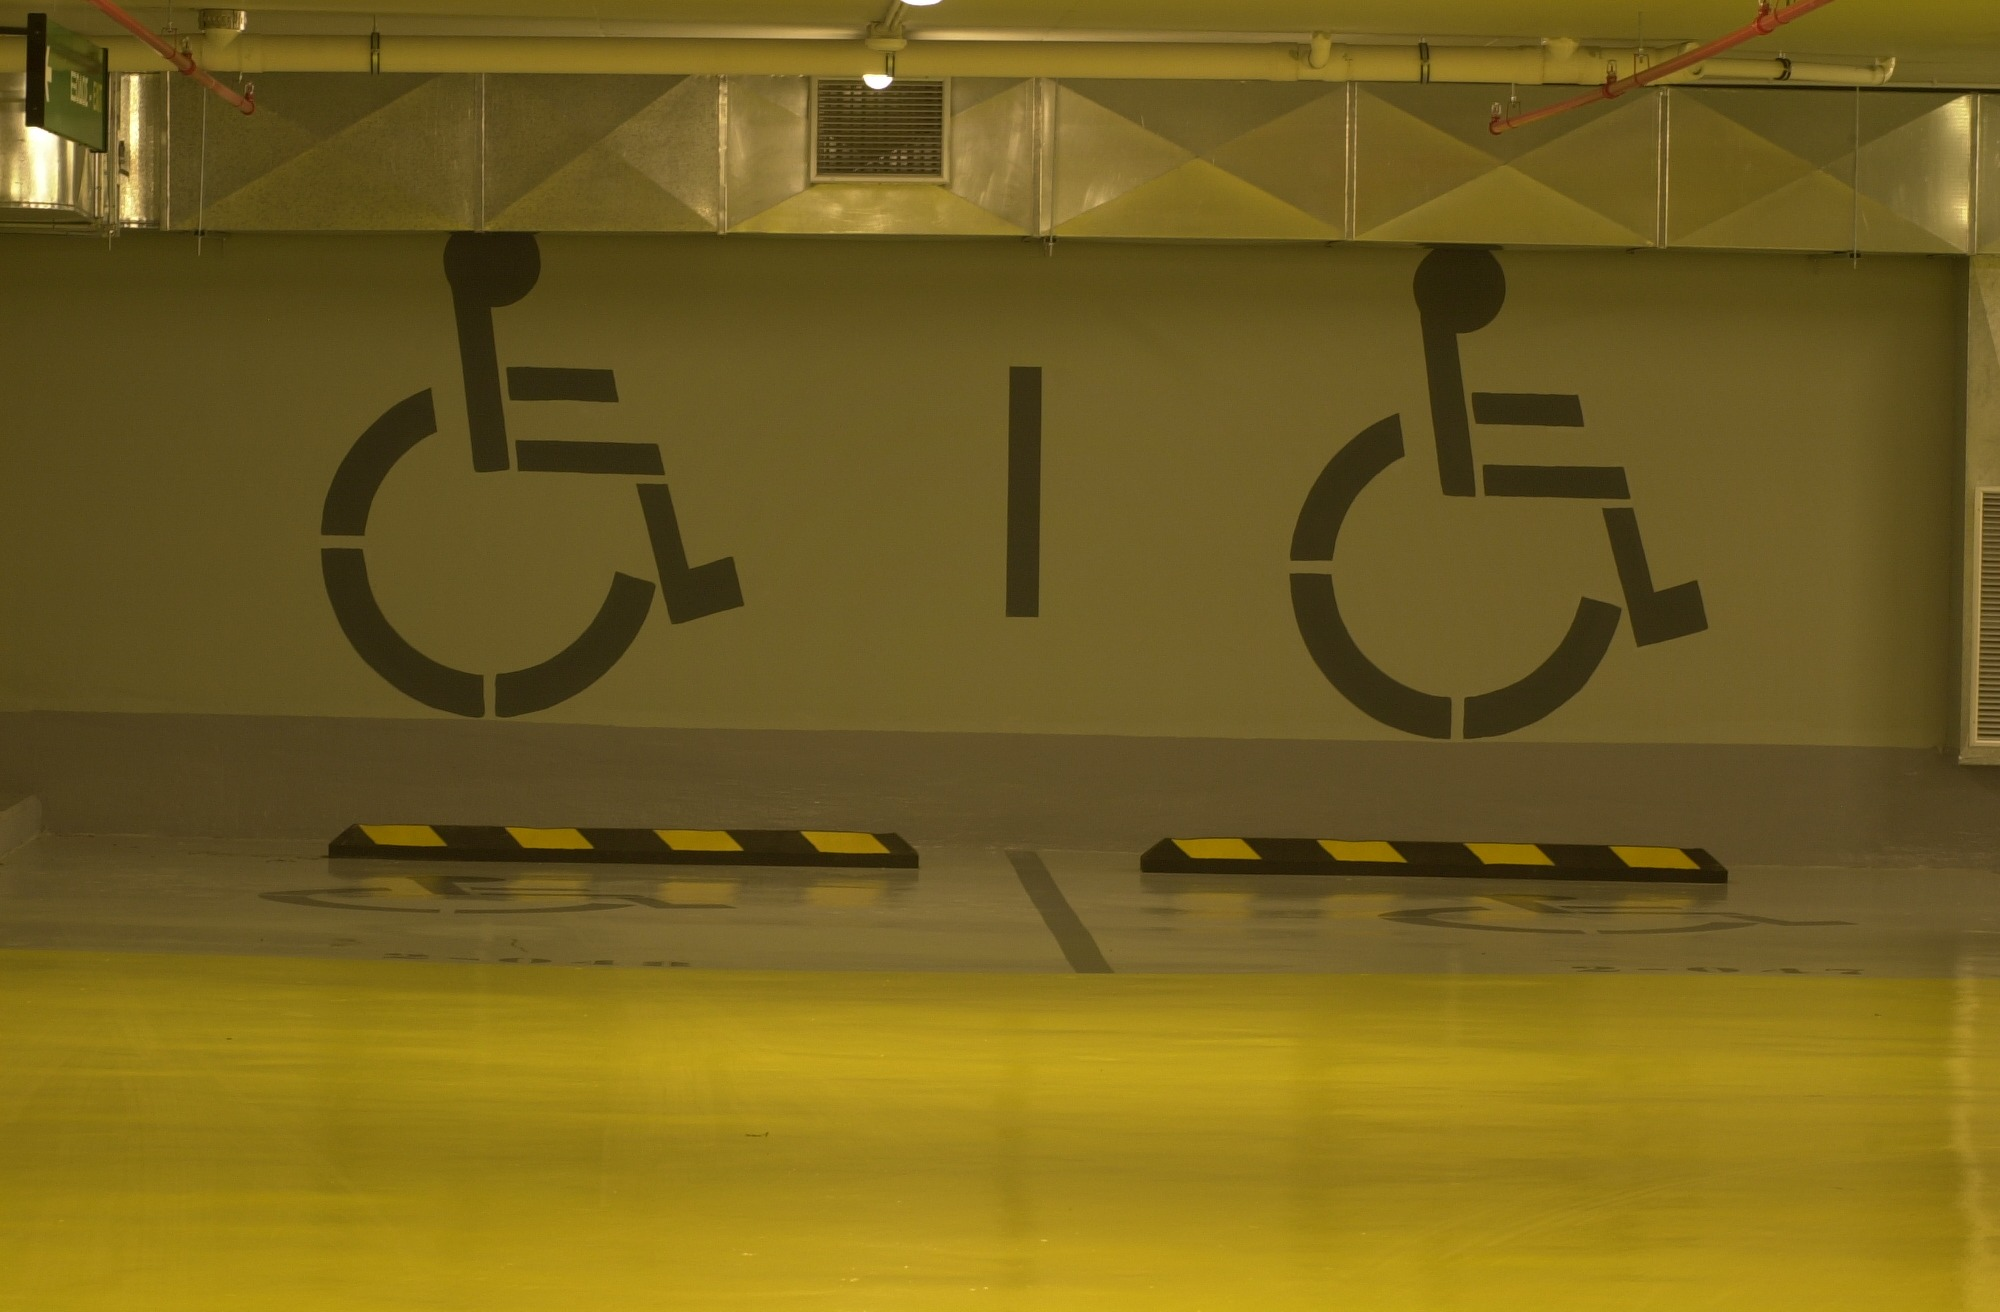 EIΔΙΚΕΣ ΤΙΜΕΣ parking ΓΙΑ ΦΟΙΤΗΤΕΣ, ΑΝΕΡΓΟΥΣ ΚΑΙ ΕΥΠΑΘΕΙΣ ΟΜΑΔΕΣ ΠΛΗΘΥΣΜΟΥ